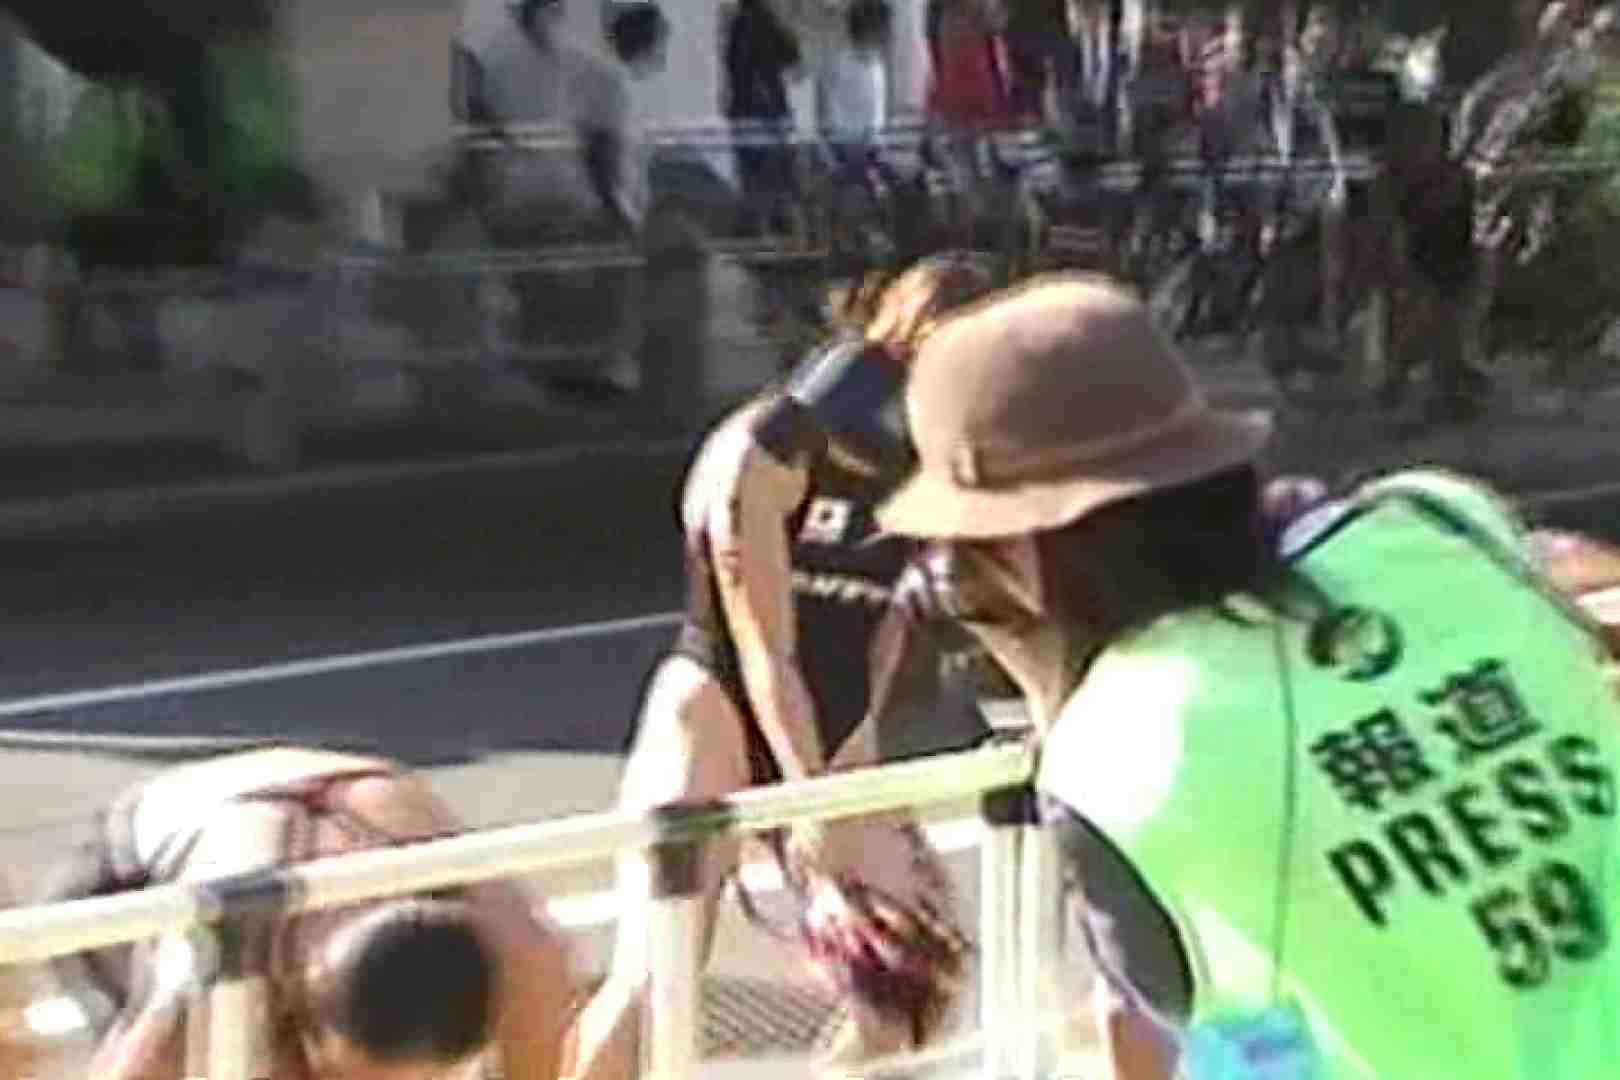 鉄人レース!!トライアスロンに挑む女性達!!Vol.8 OLの実態  25pic 24